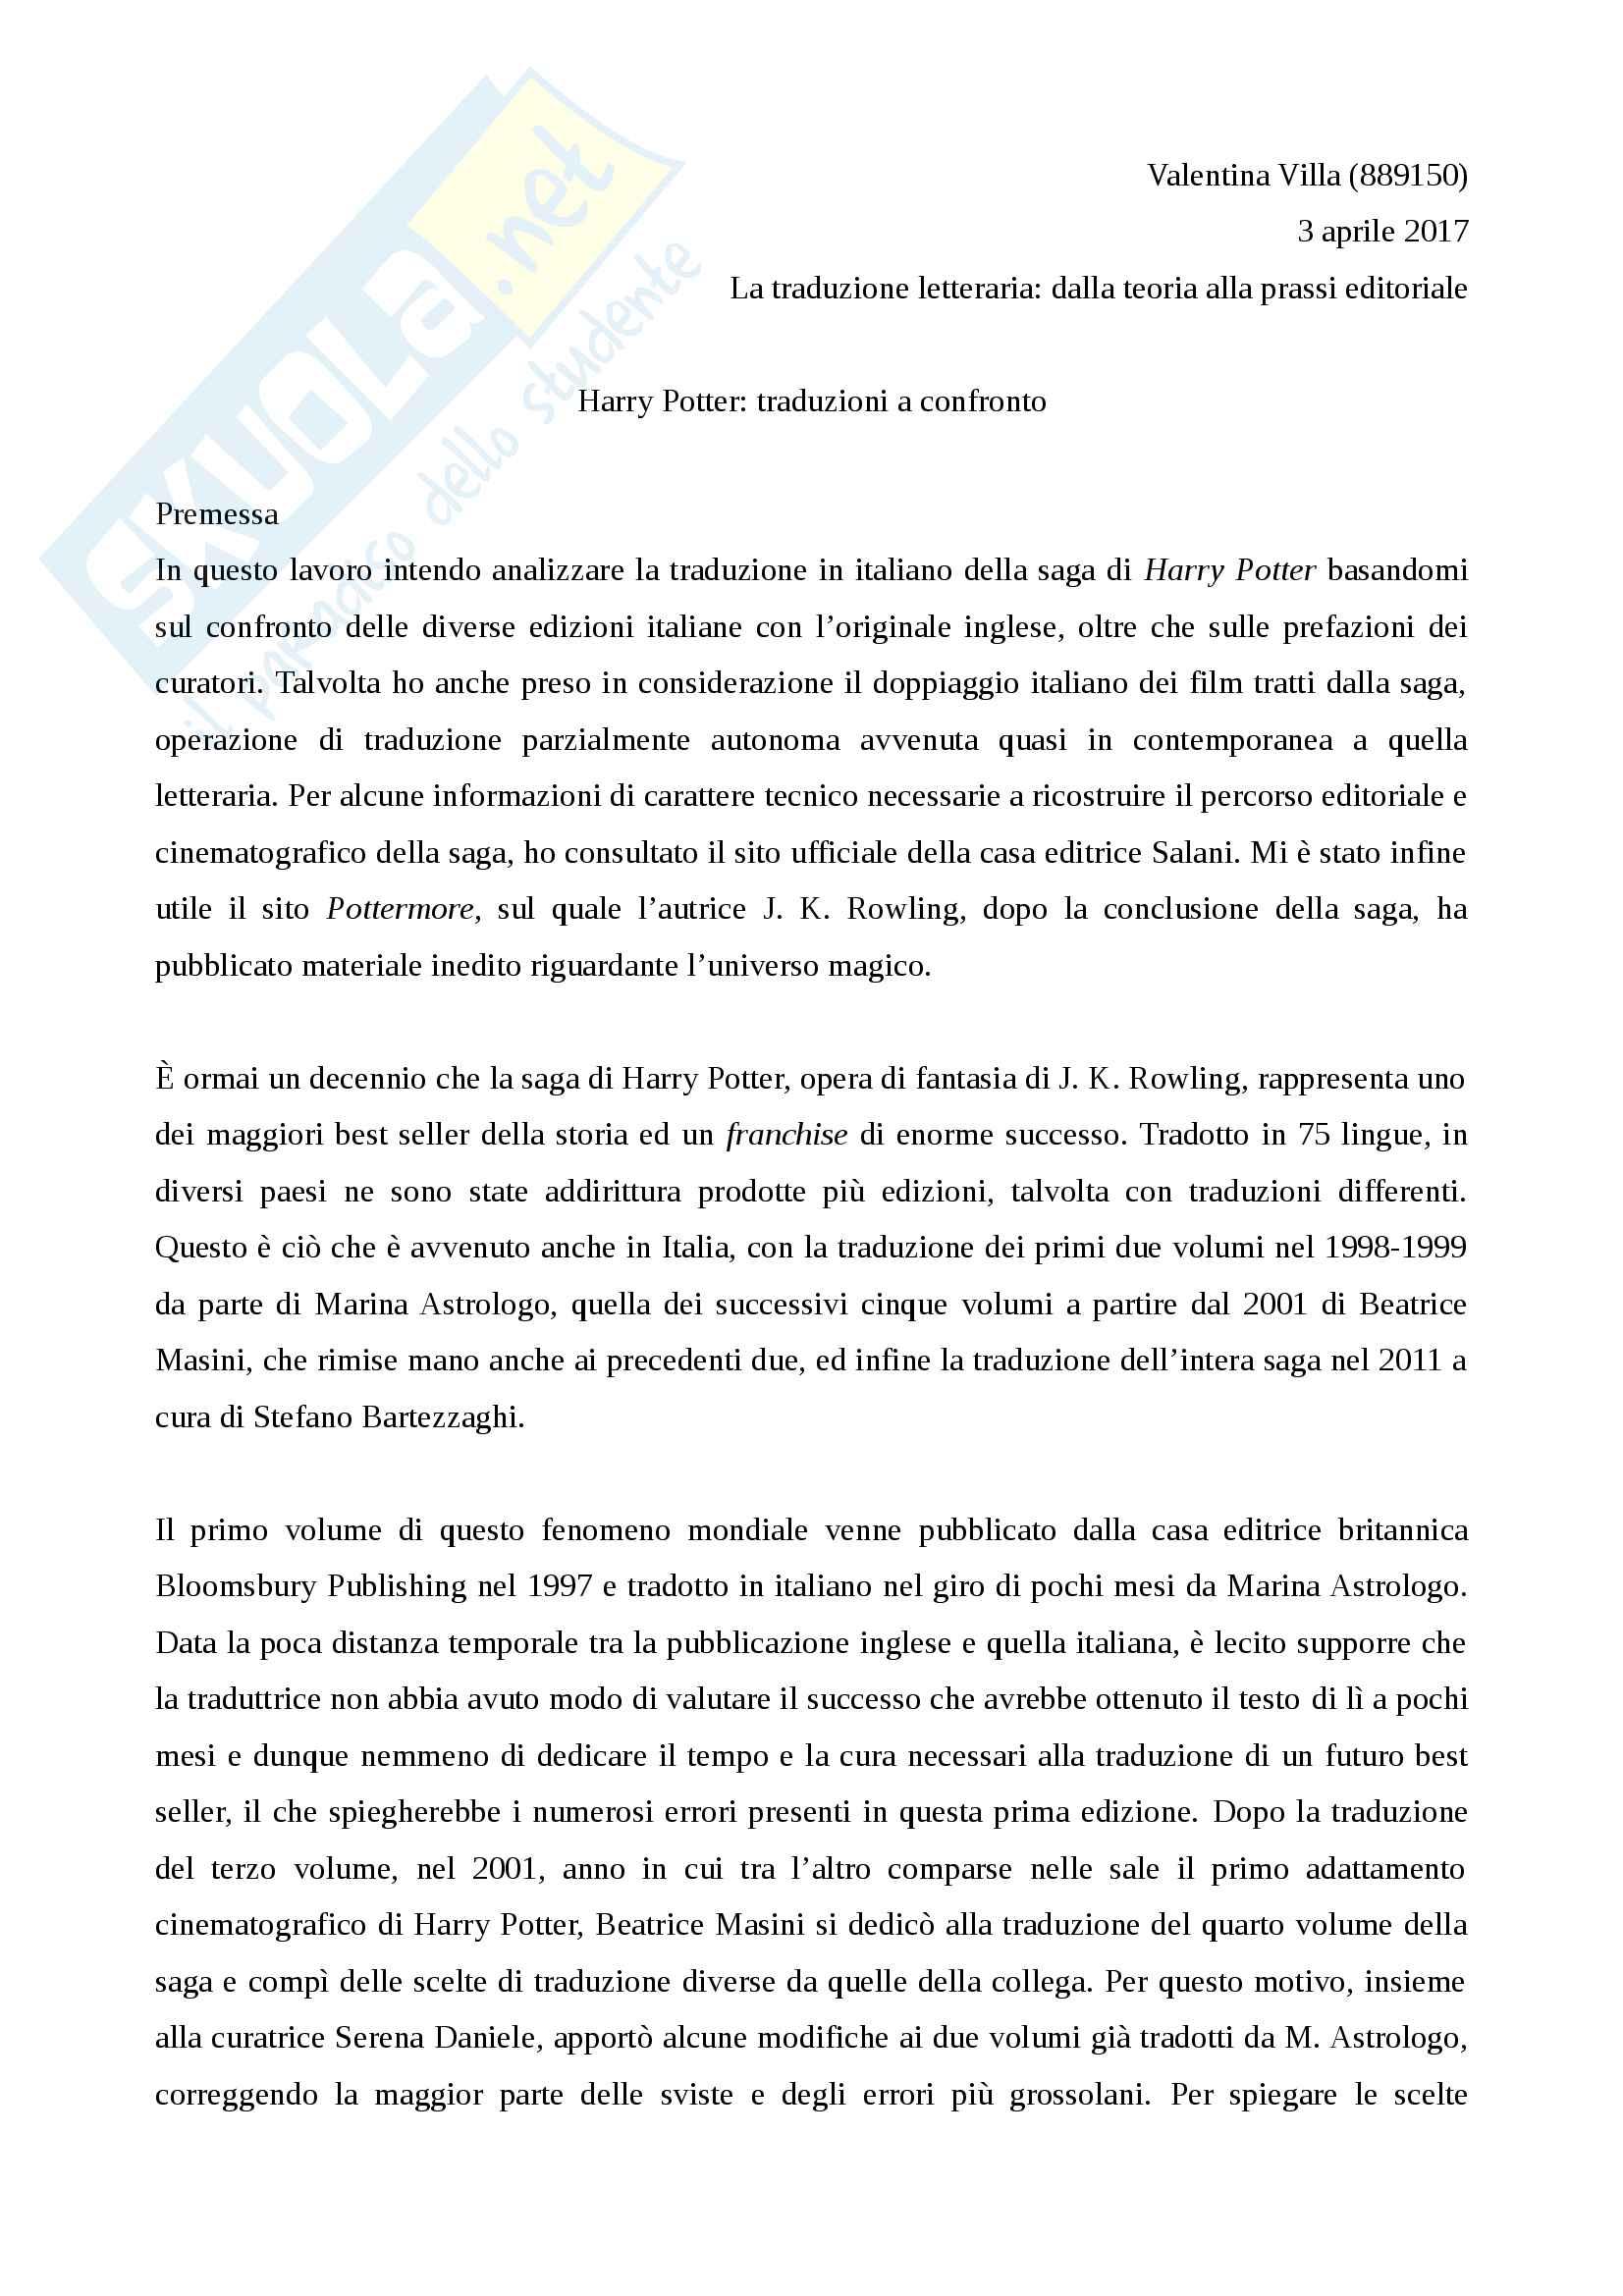 Relazione traduzione Harry Potter